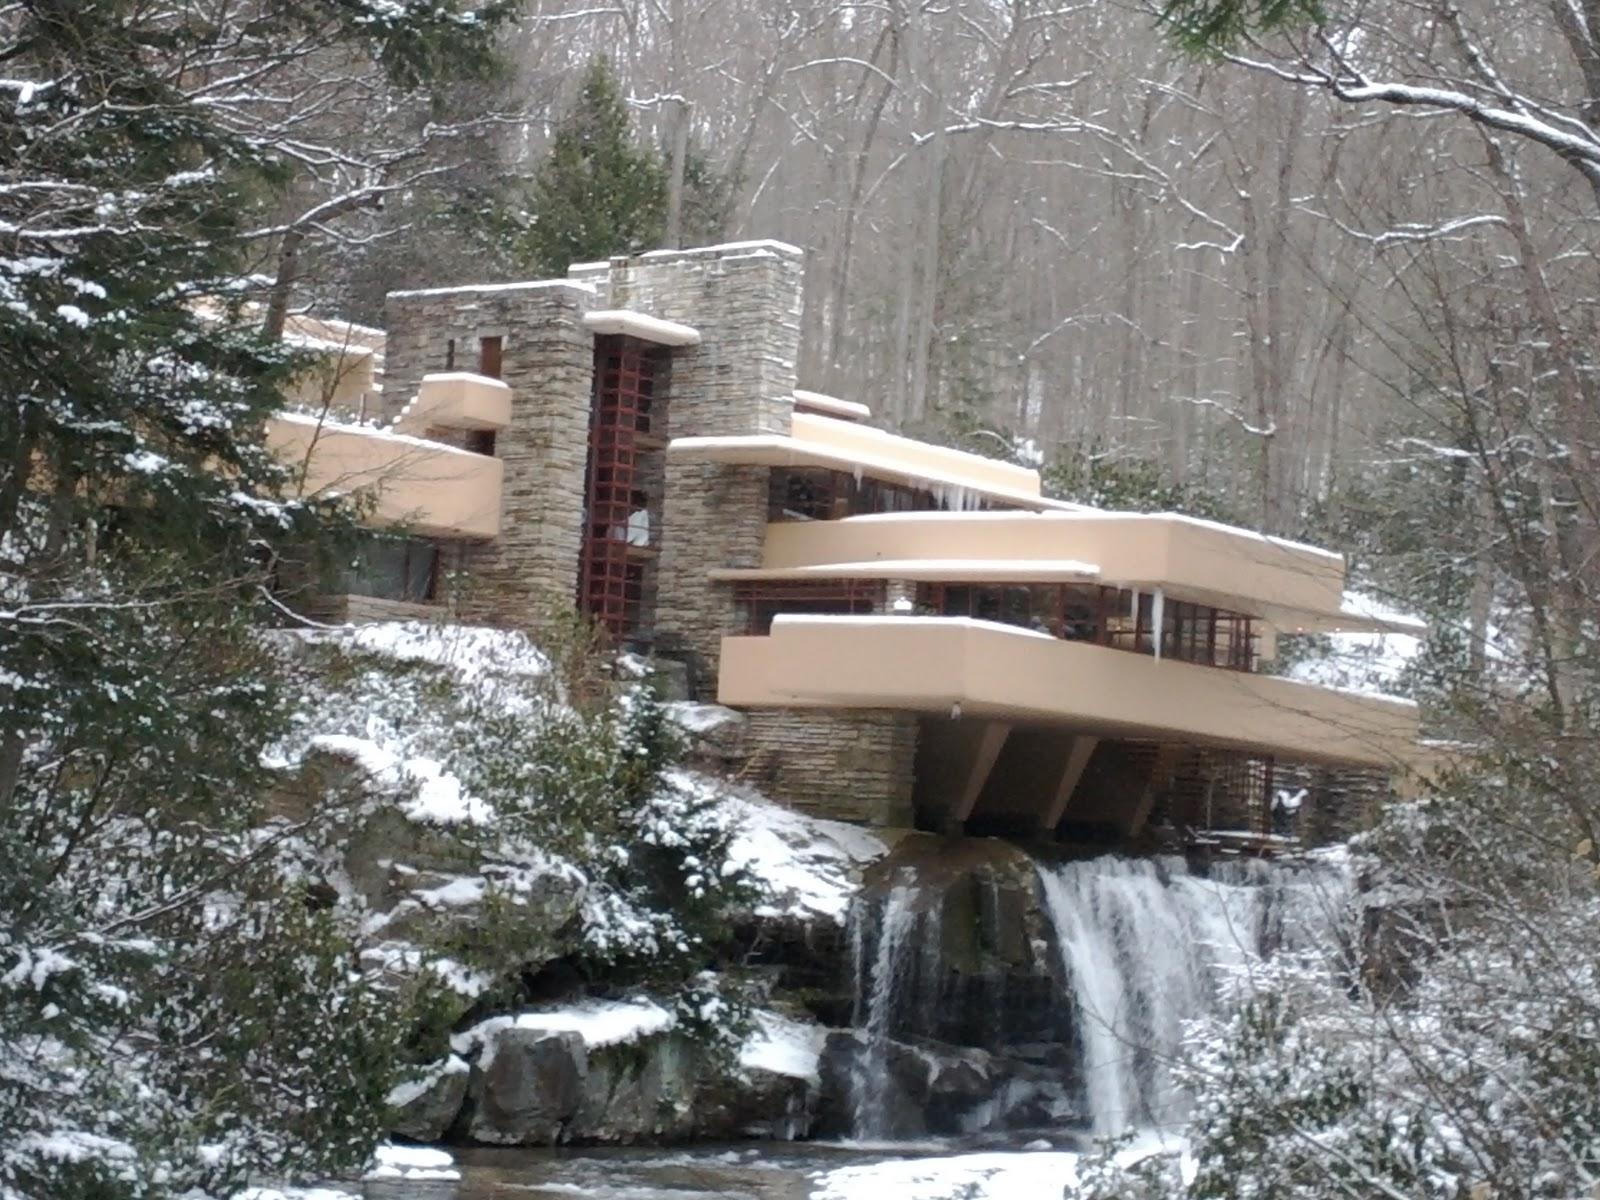 Fallingwater la casa sulla cascata curiosando anni 60 for Wright la casa sulla cascata